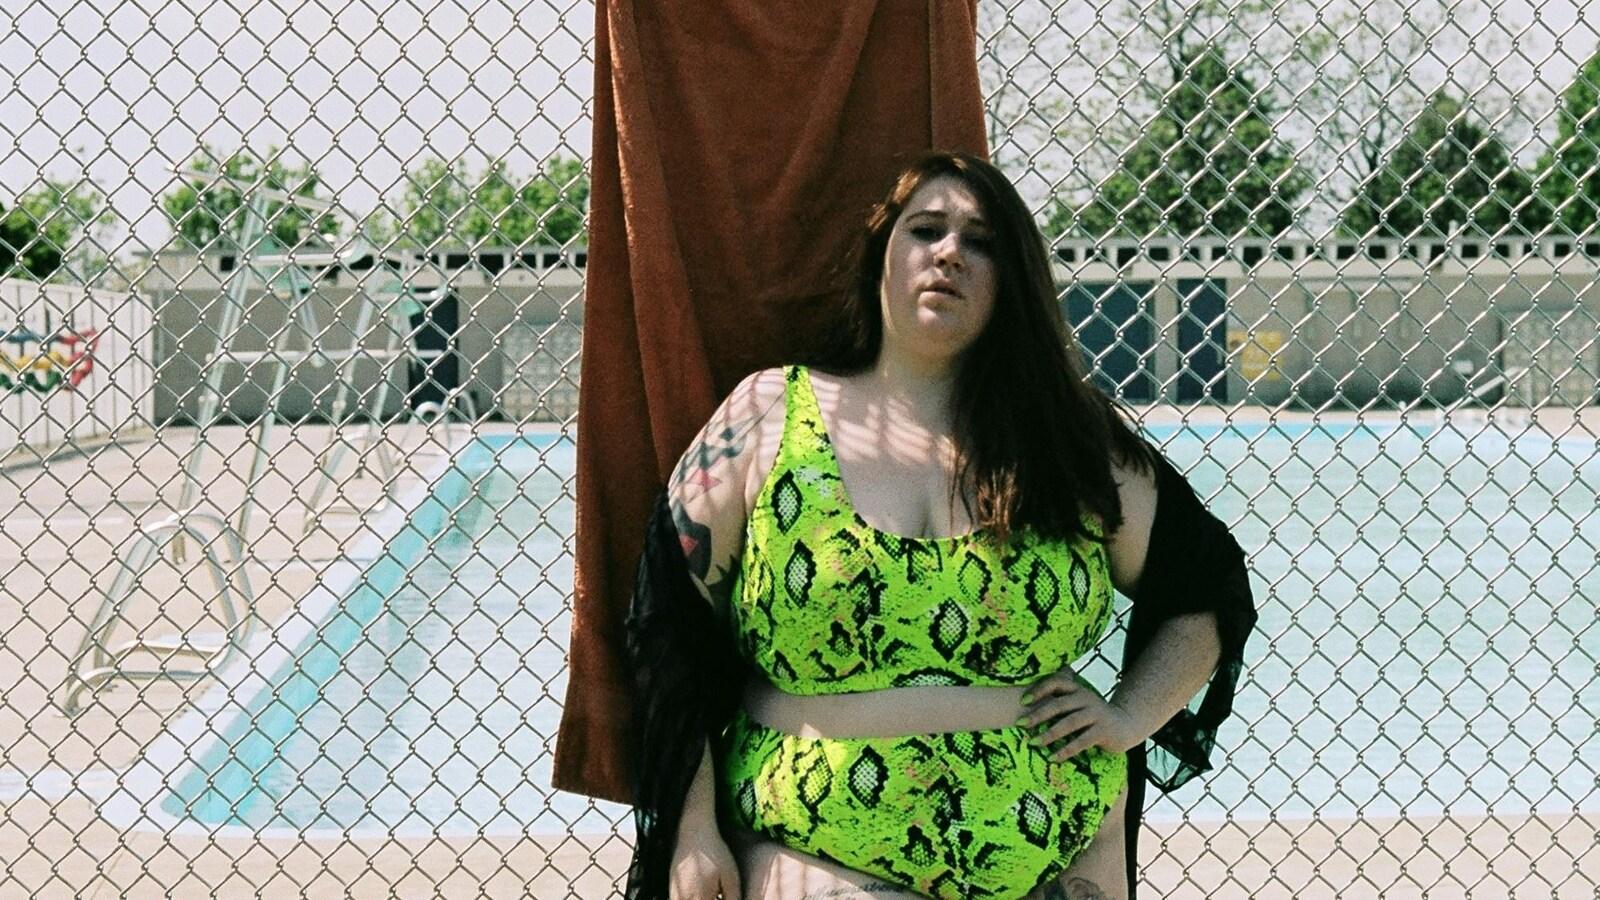 Une jeune femme pose en maillot deux pièces, vert fluo, devant la clôture métallique d'une piscine publique.